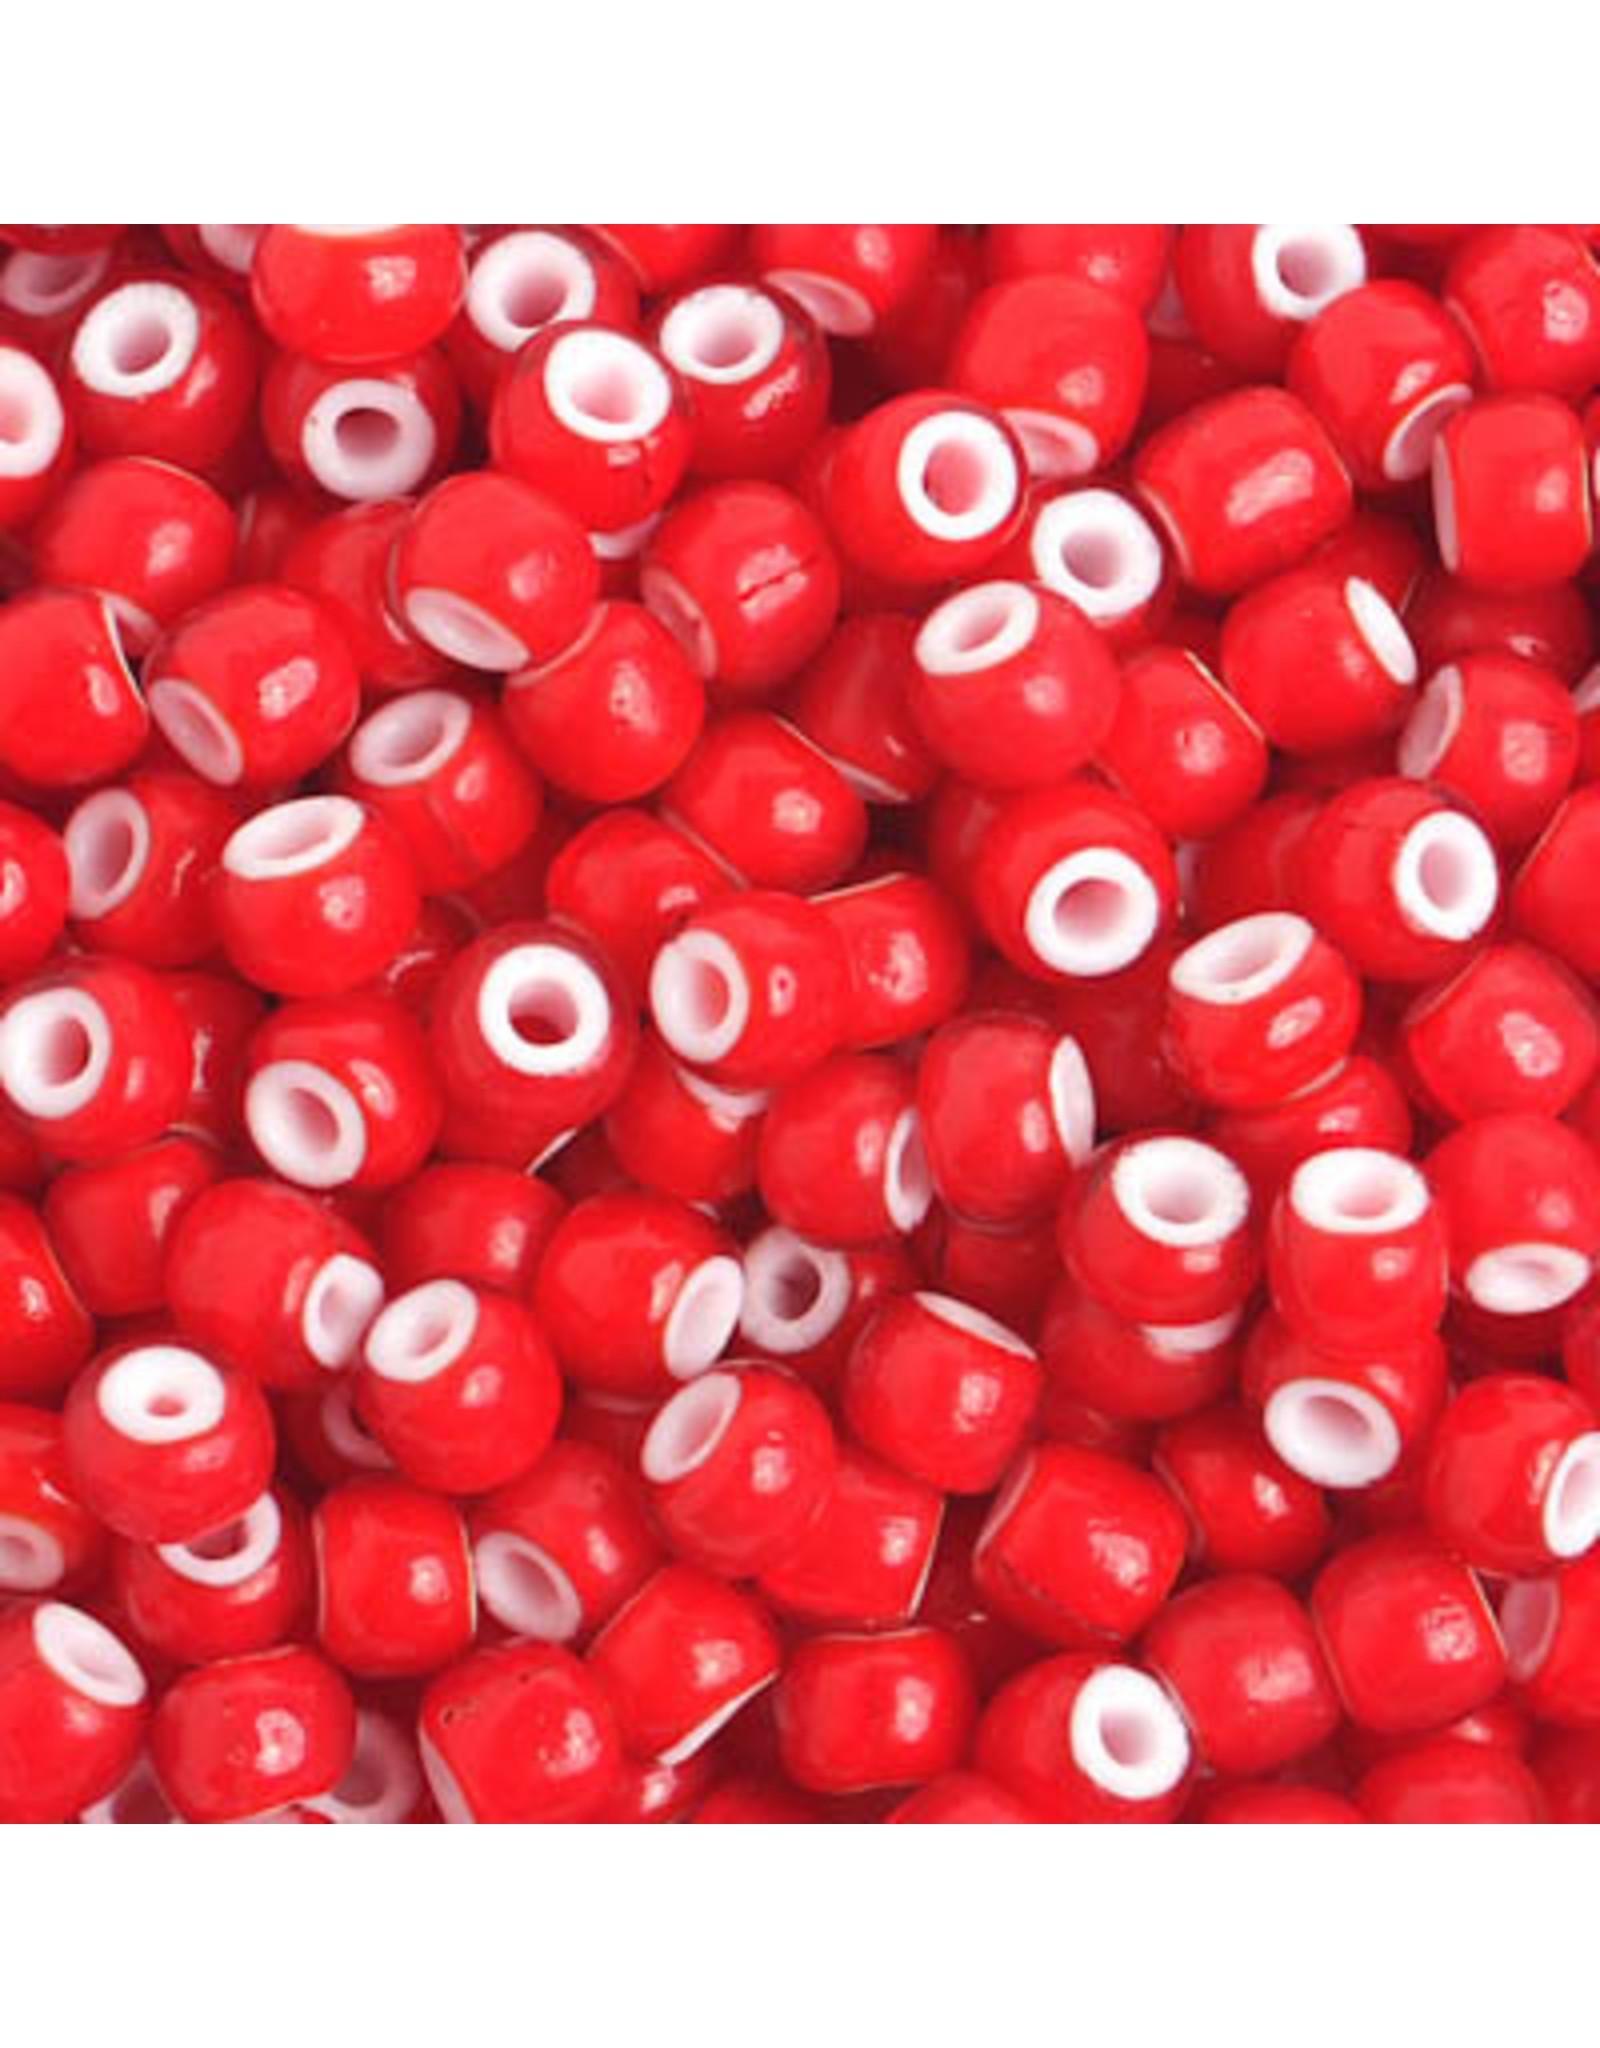 Czech 201421  8 Czech Seed 20g Red White Hearts